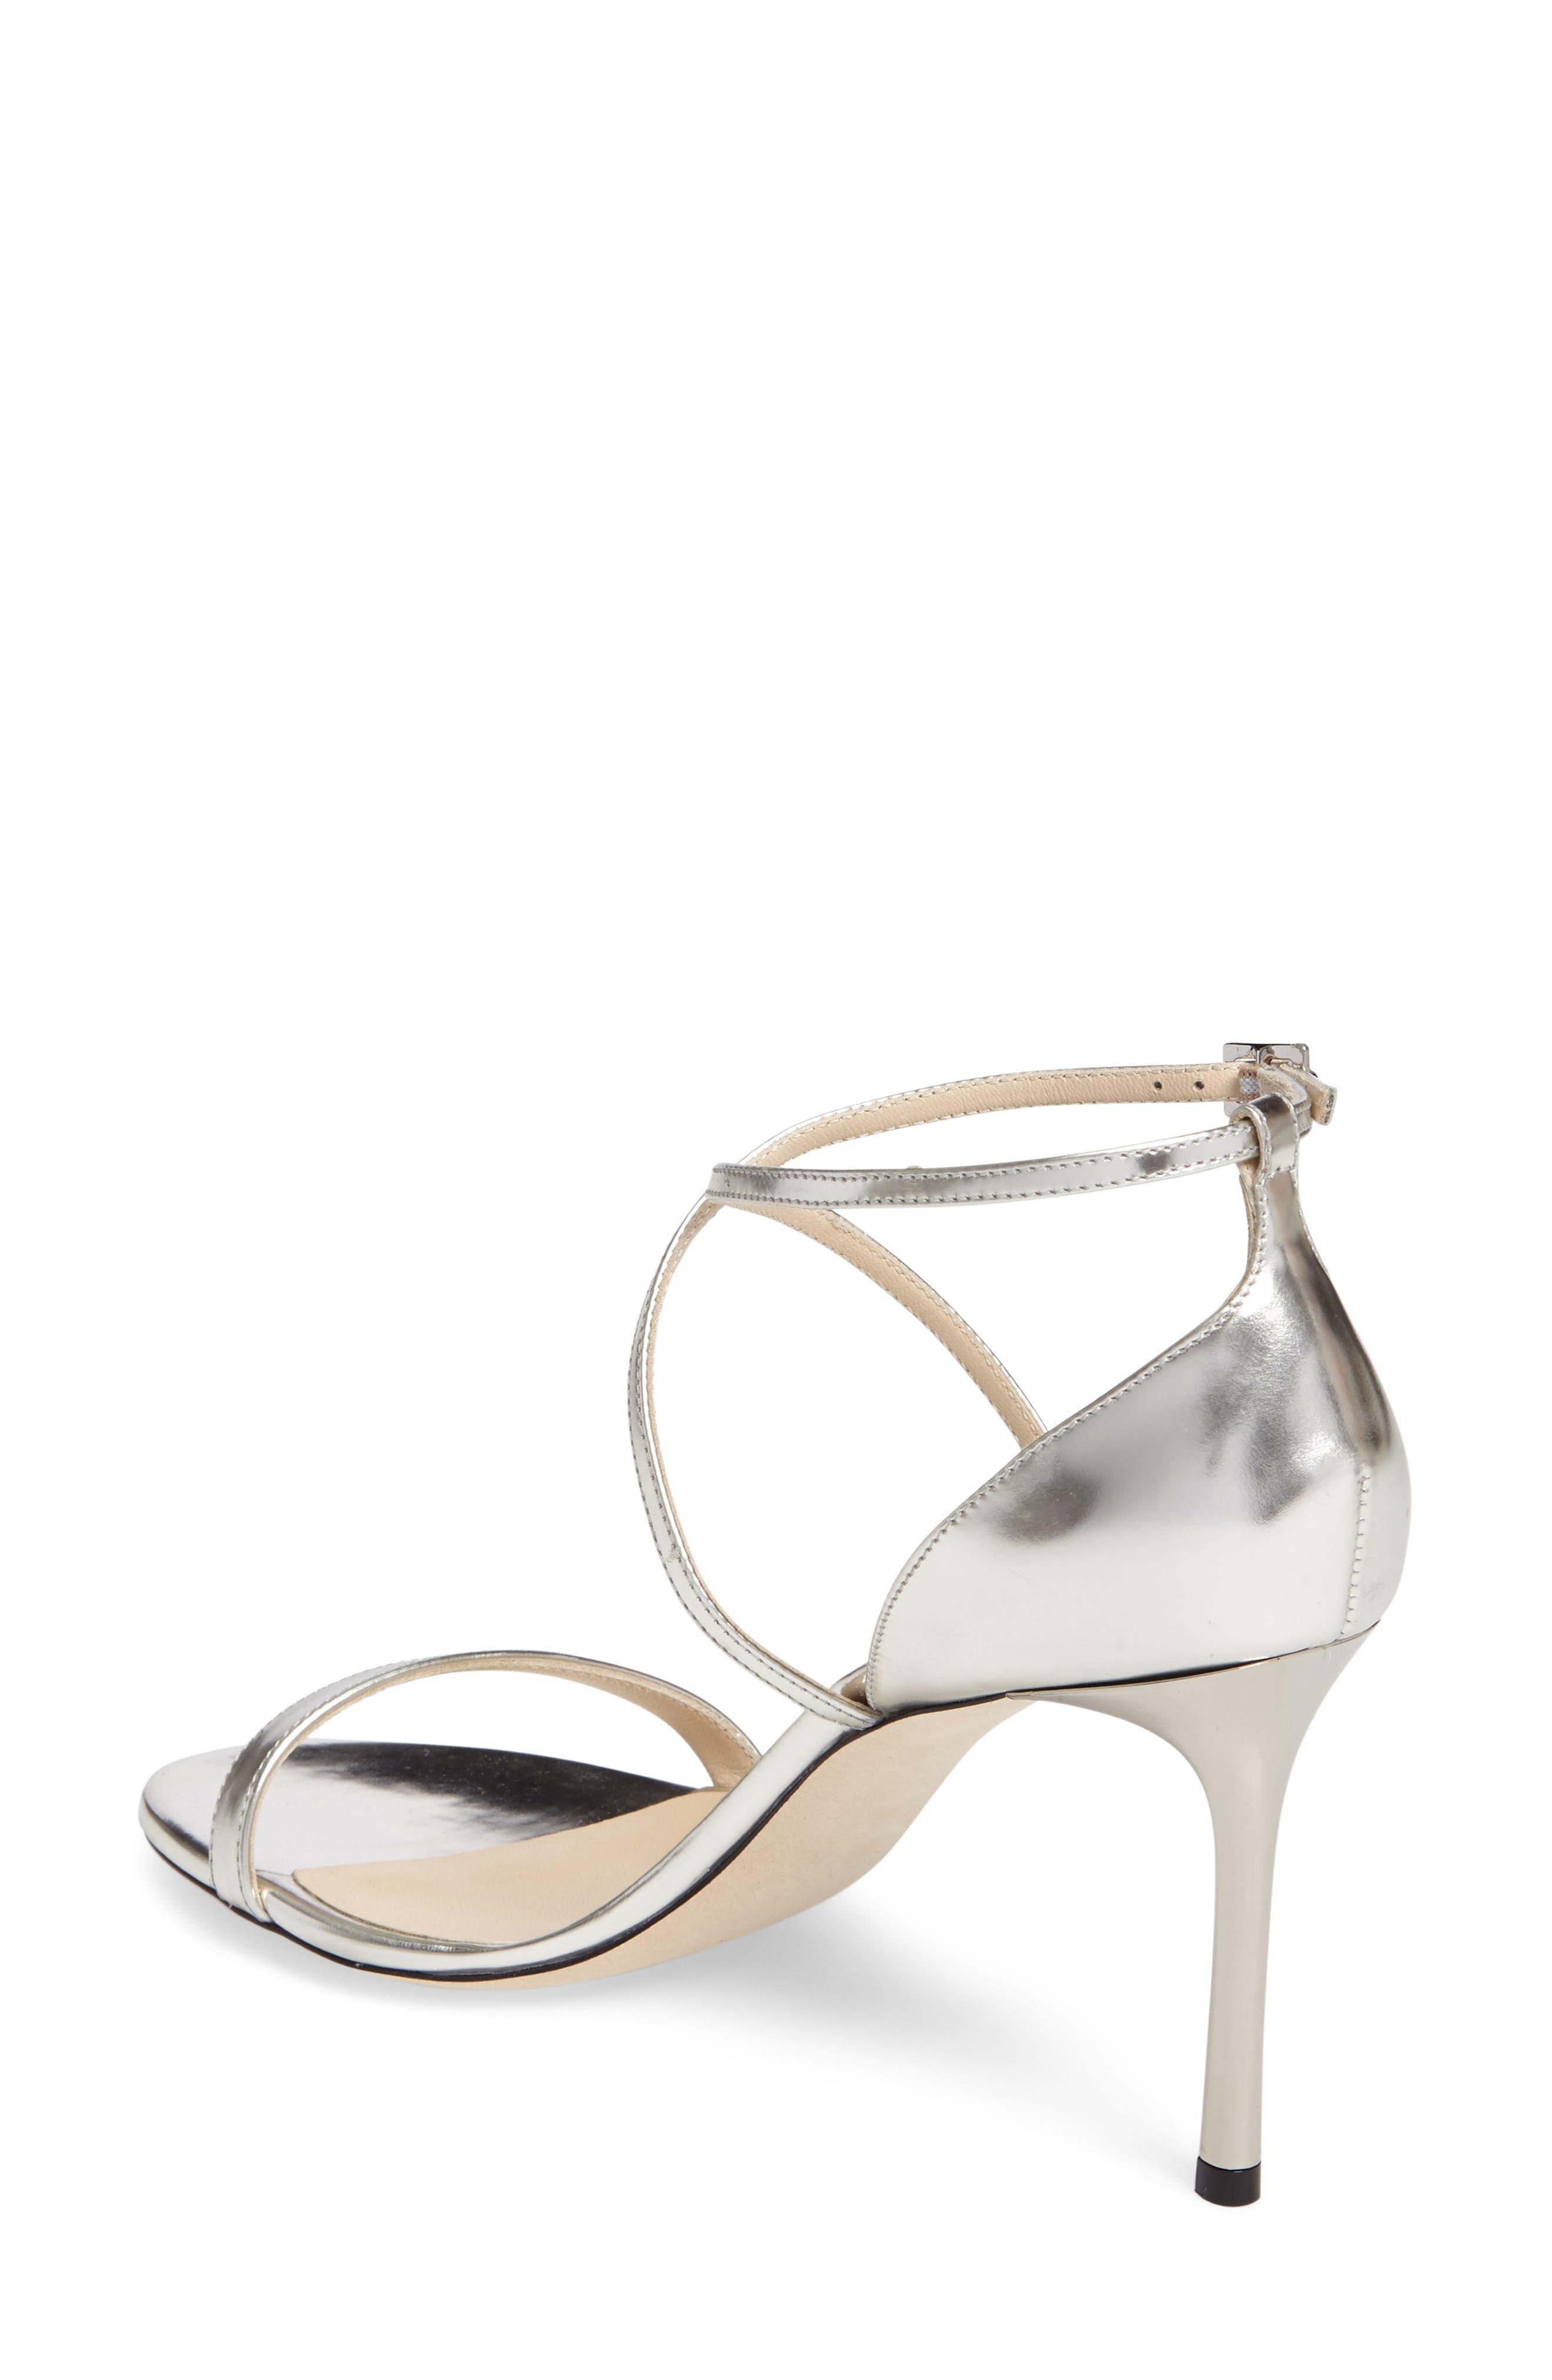 'Hesper' Ankle Strap Sandal,                             Alternate thumbnail 2, color,                             040